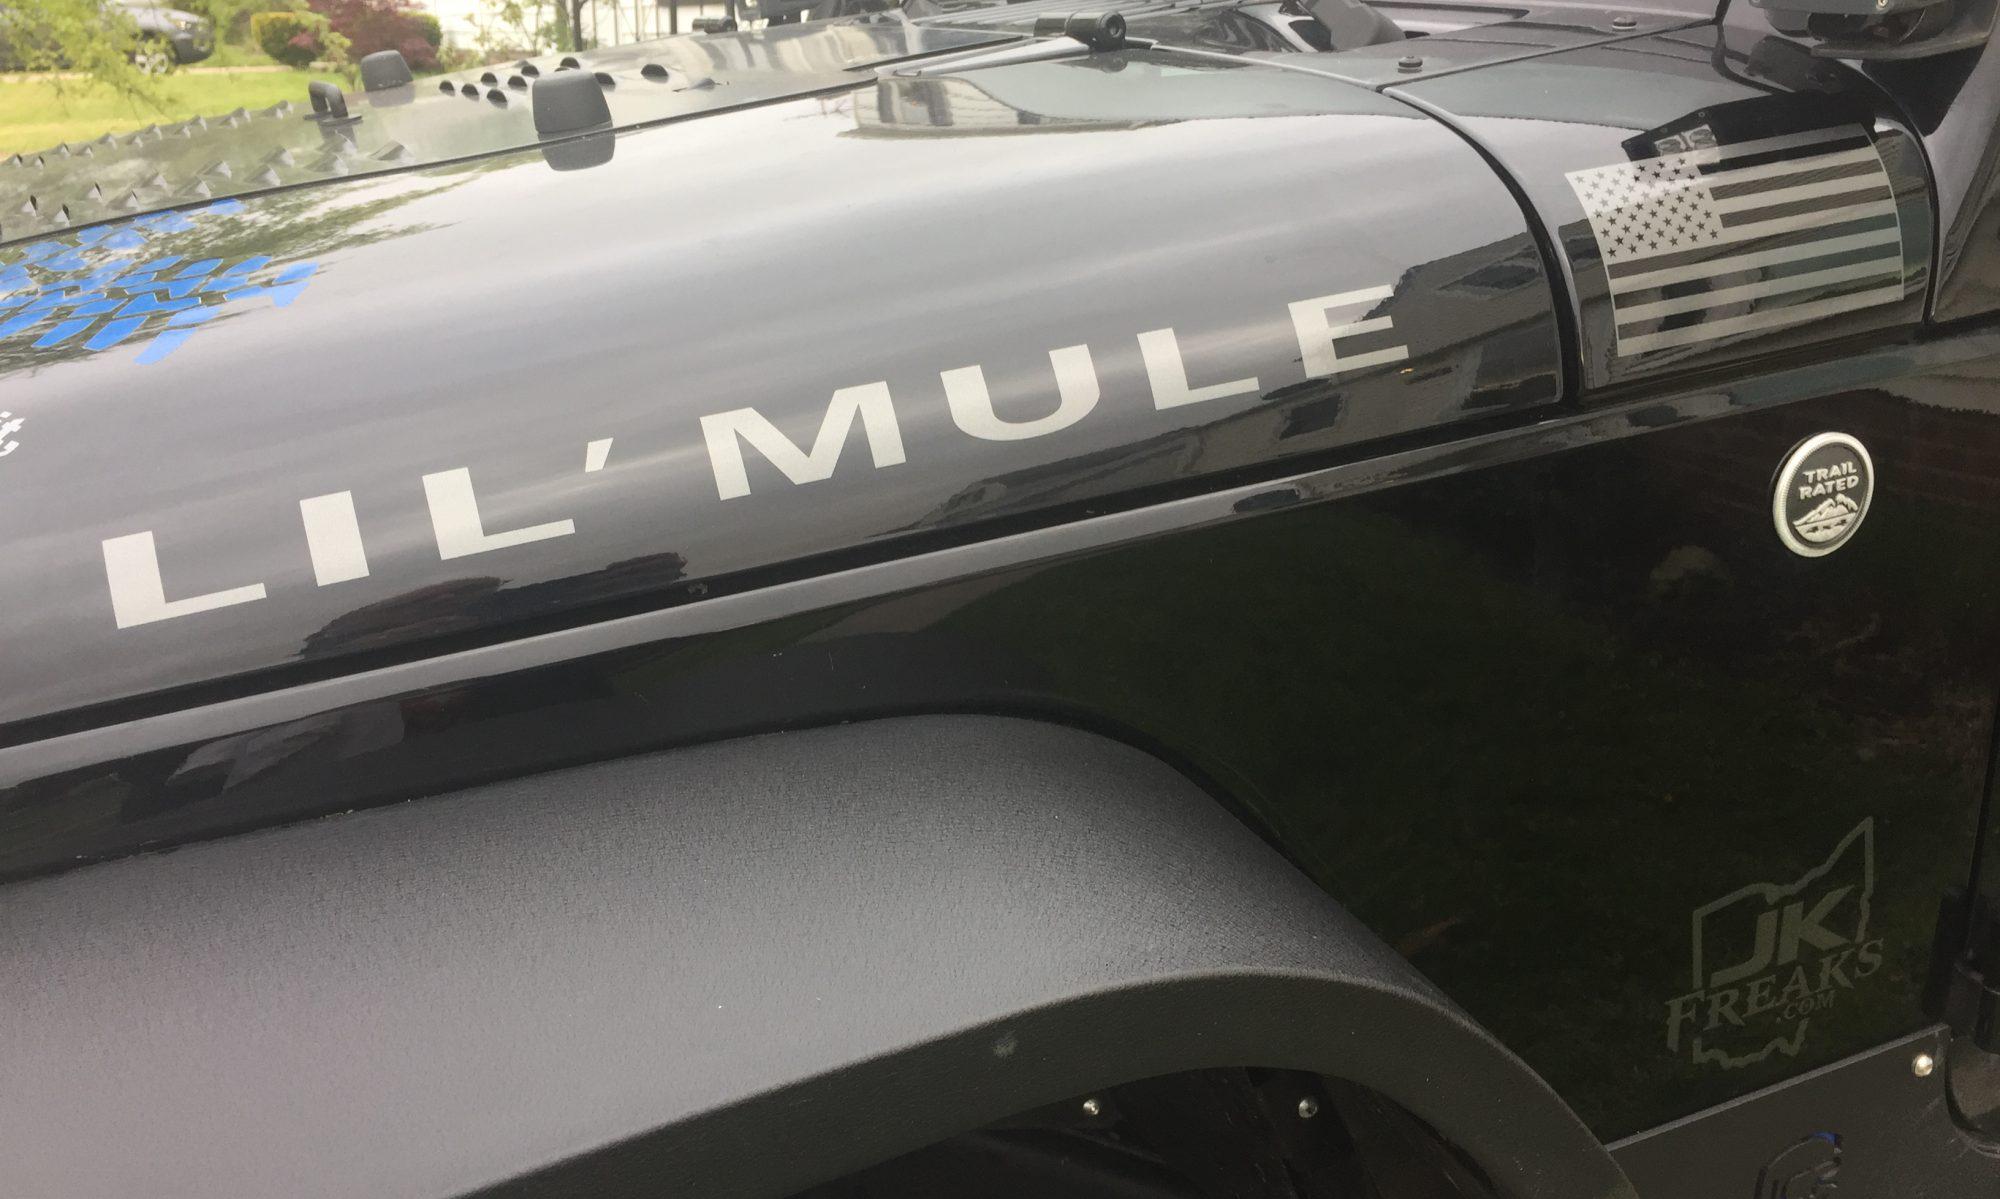 My Lil' Mule